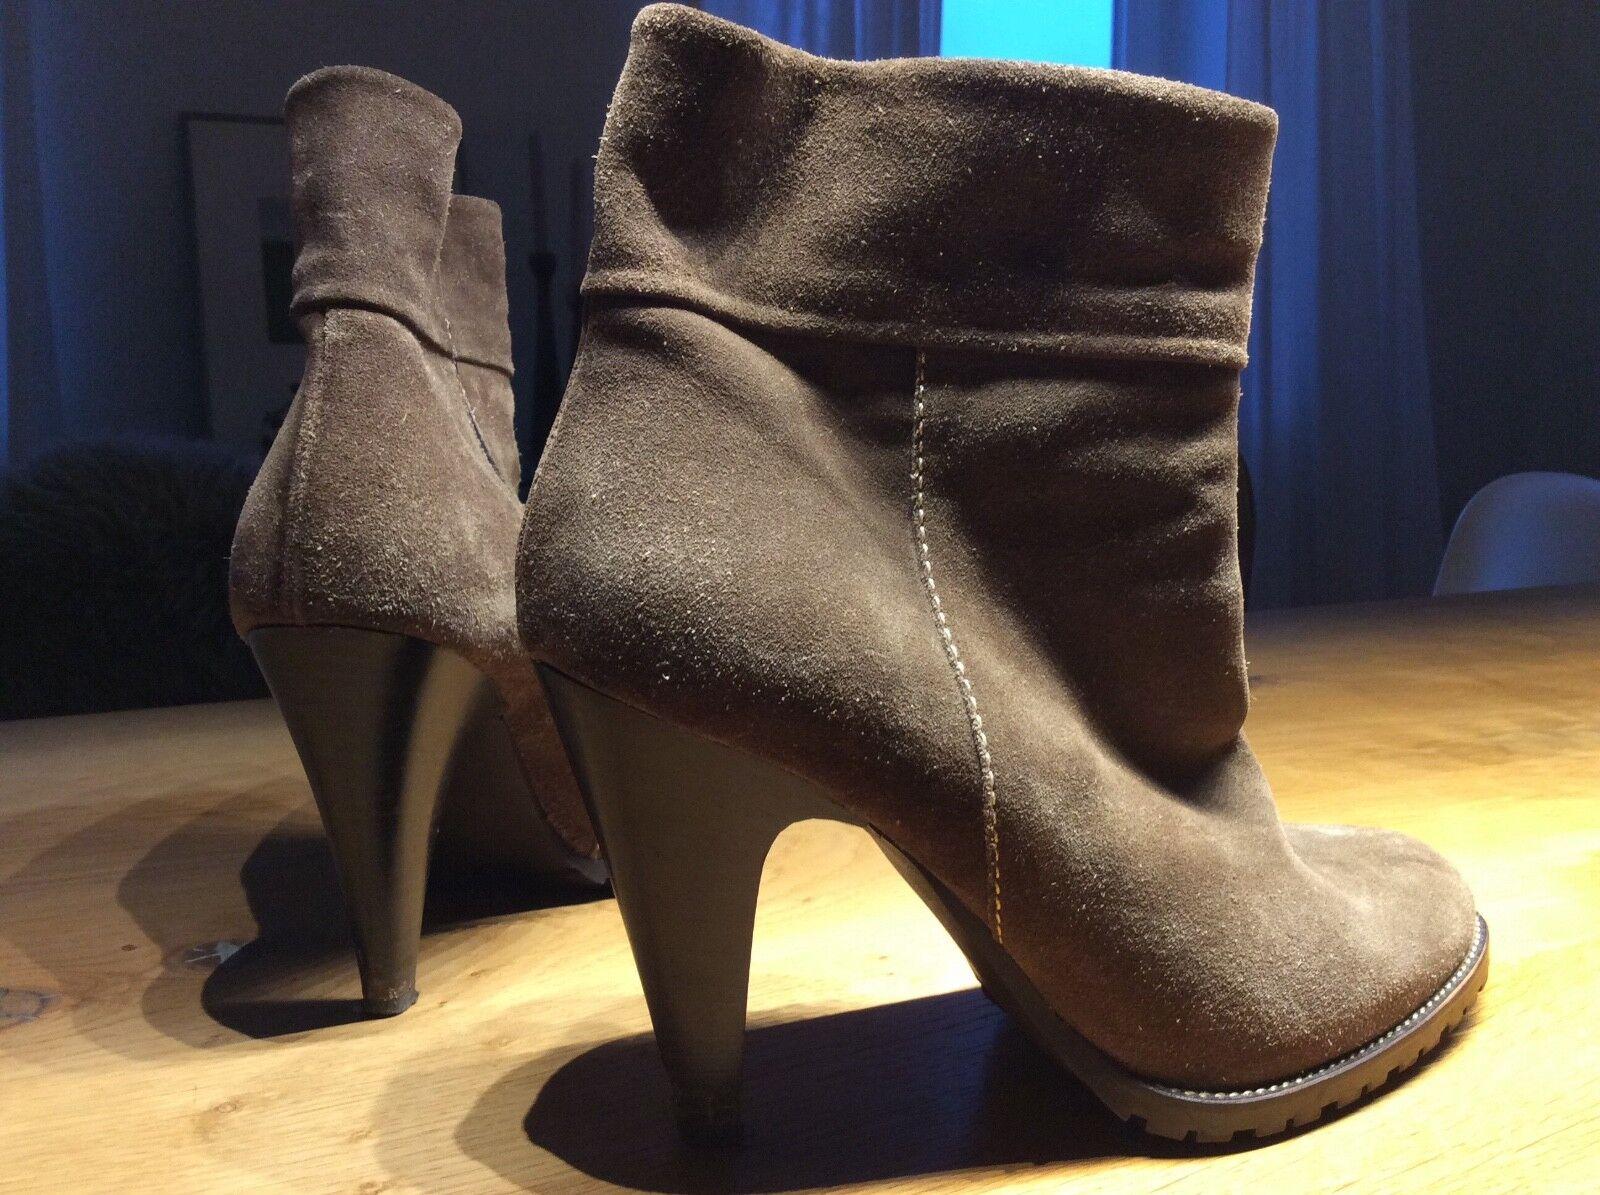 COCCINELLE Gr. 40 Design Beige grau Damen Schuhe Stiefel Leder Schuhese